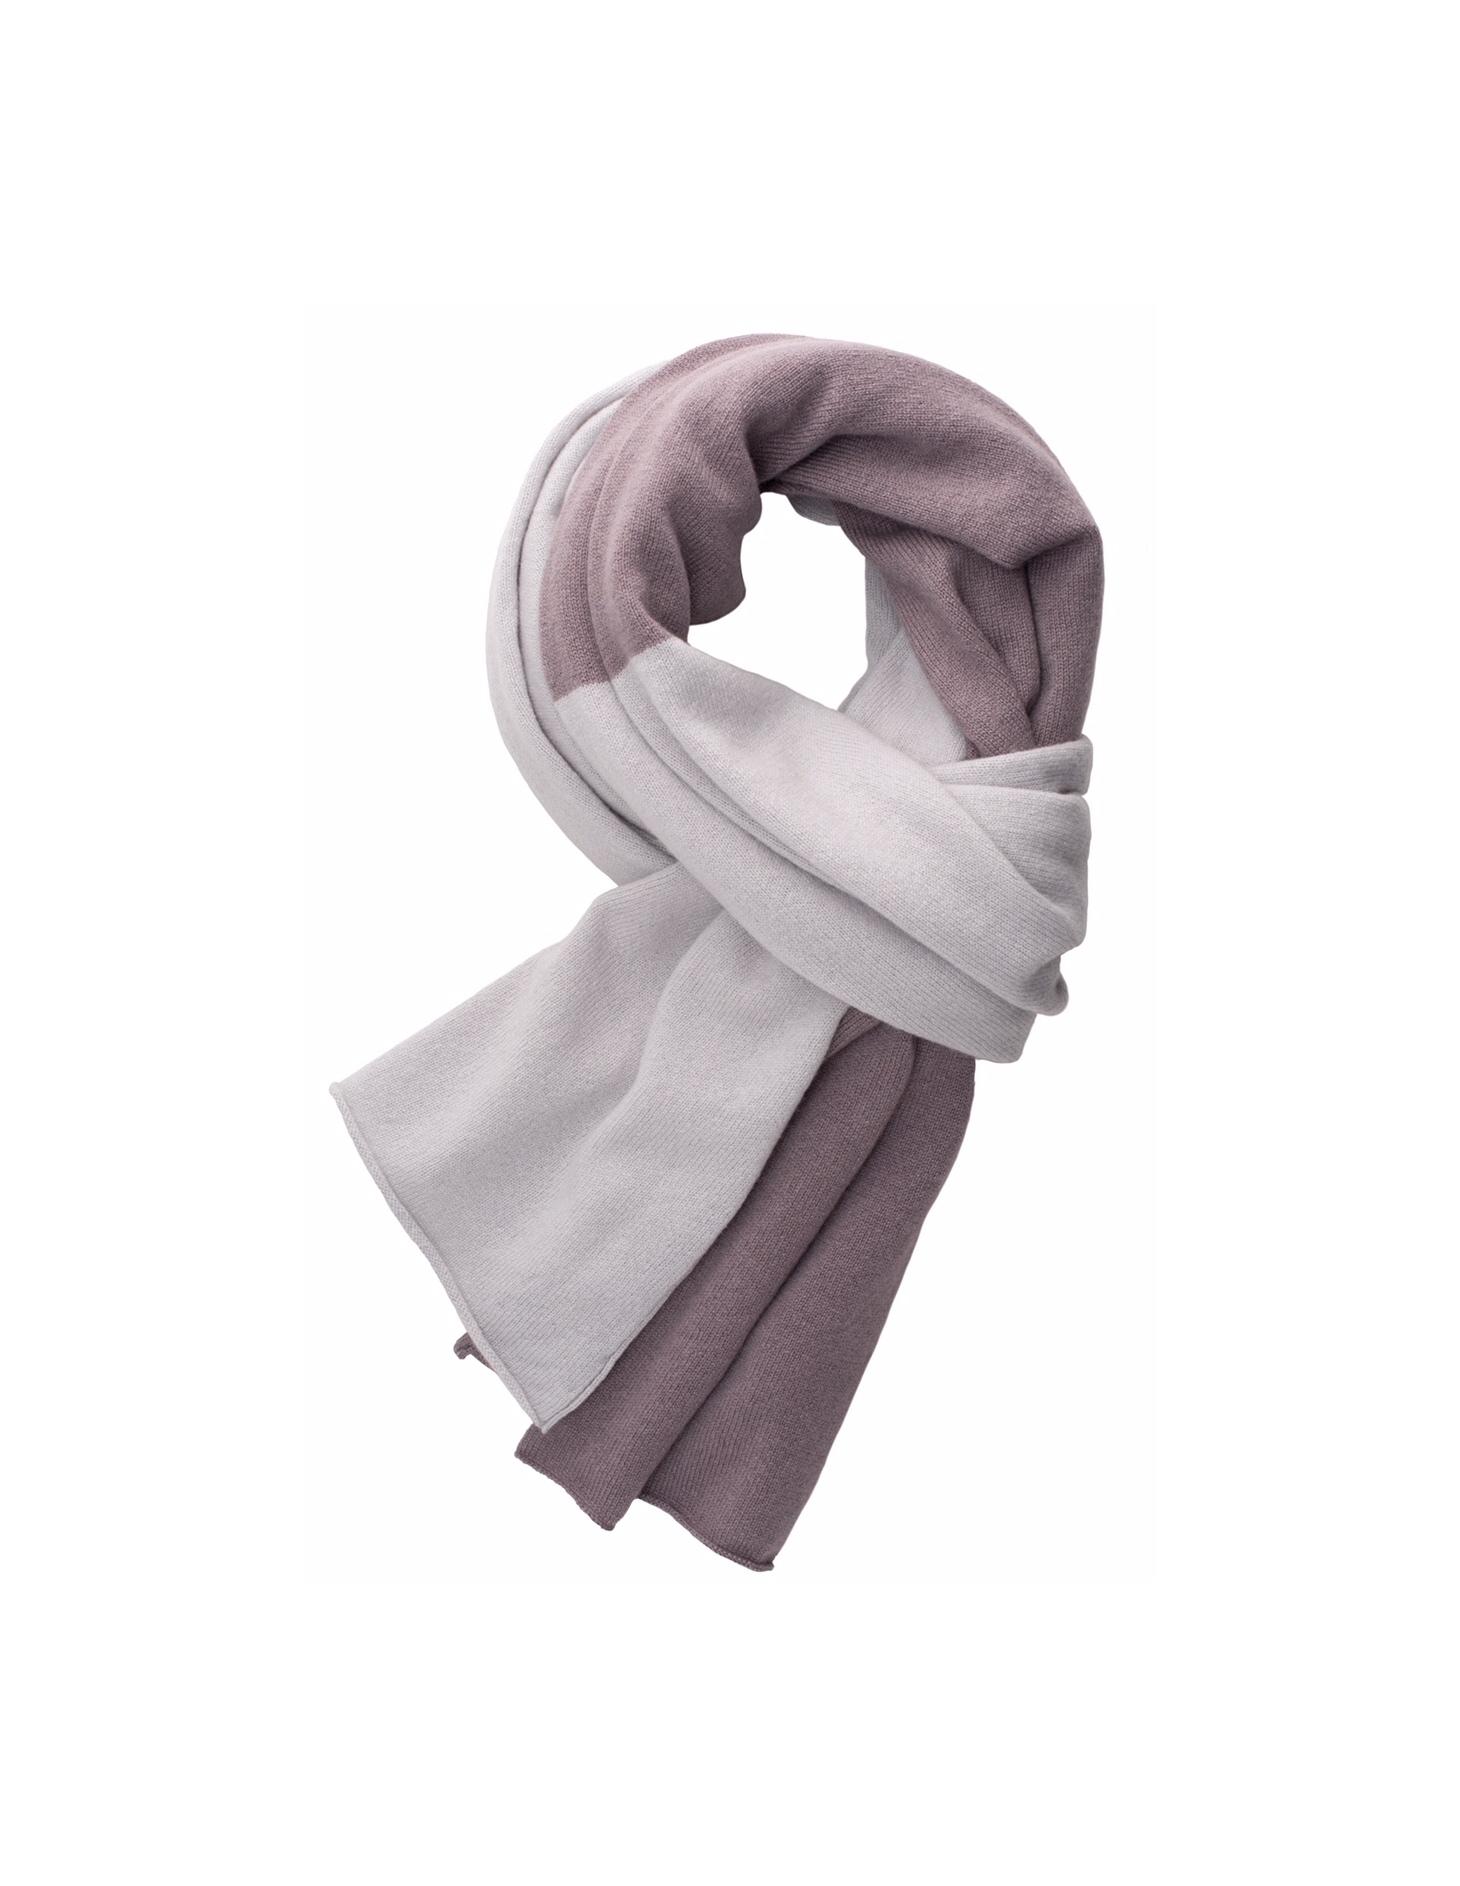 Napa Valley   Durch seine edlen Farbkombinationen verleiht der samtweiche Schal jedem Outfit einen lässigen Look  100% Cashmere  Länge x Breite : 200 x 80 cm  Größe: one size